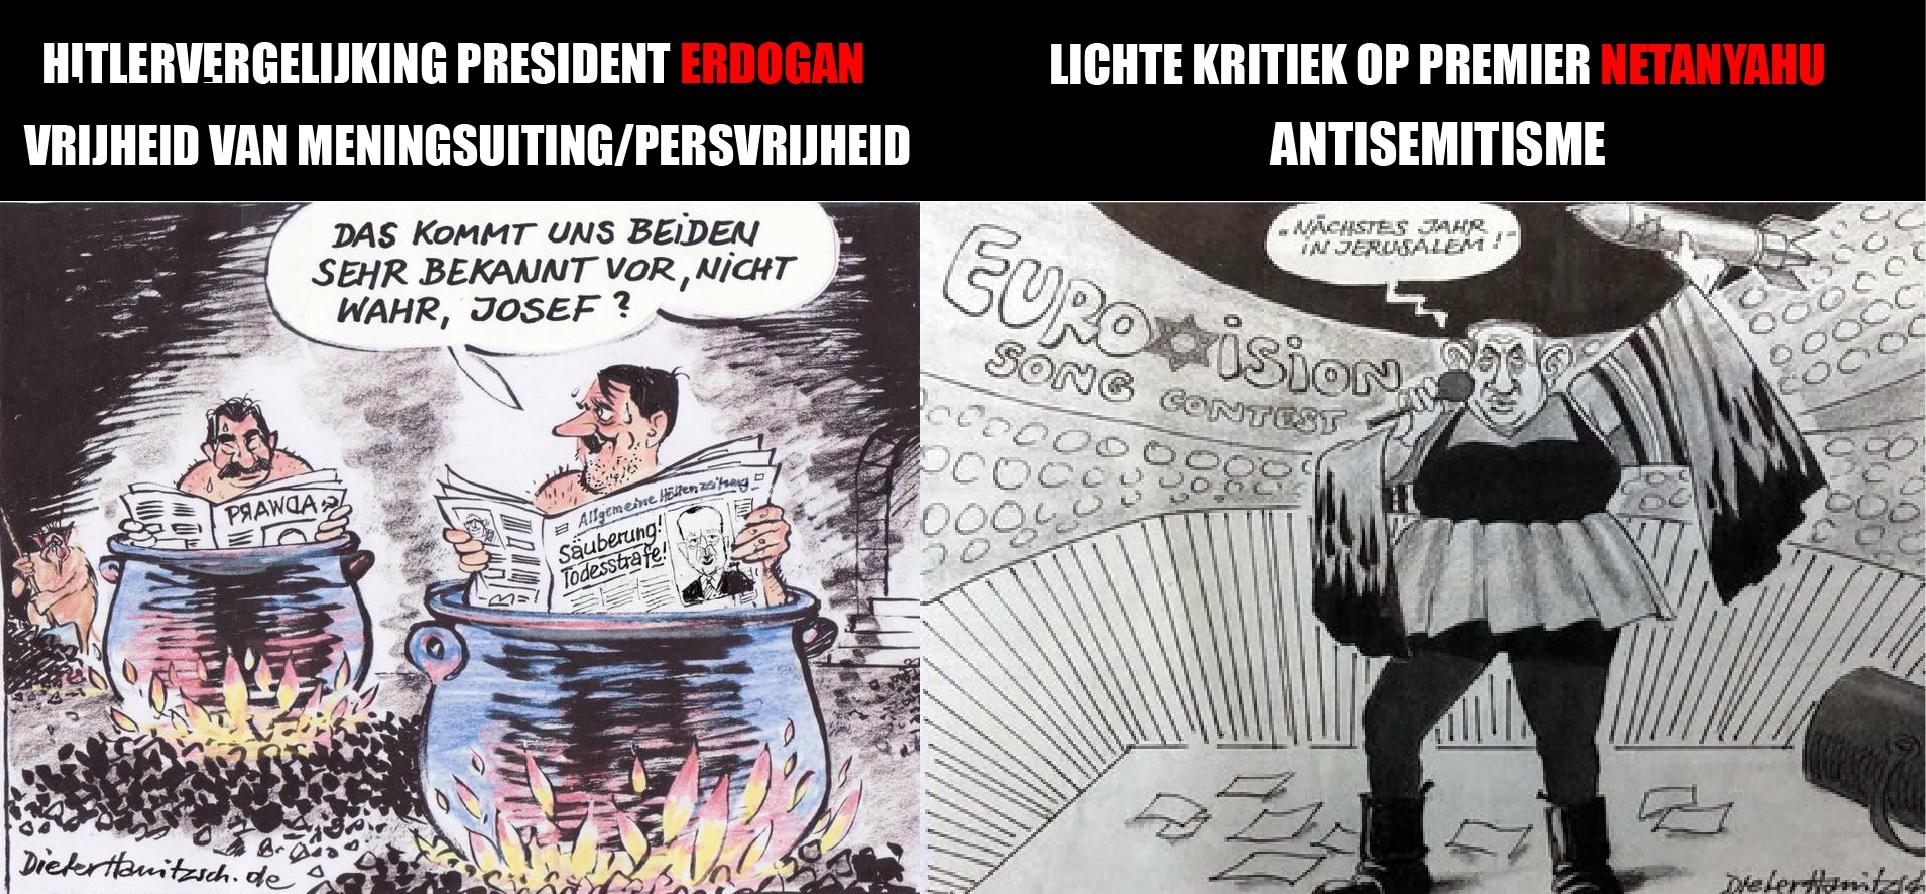 Vanwege netanyahu cartoon ontslagen cartoonist werd for Dieter hanitzsch